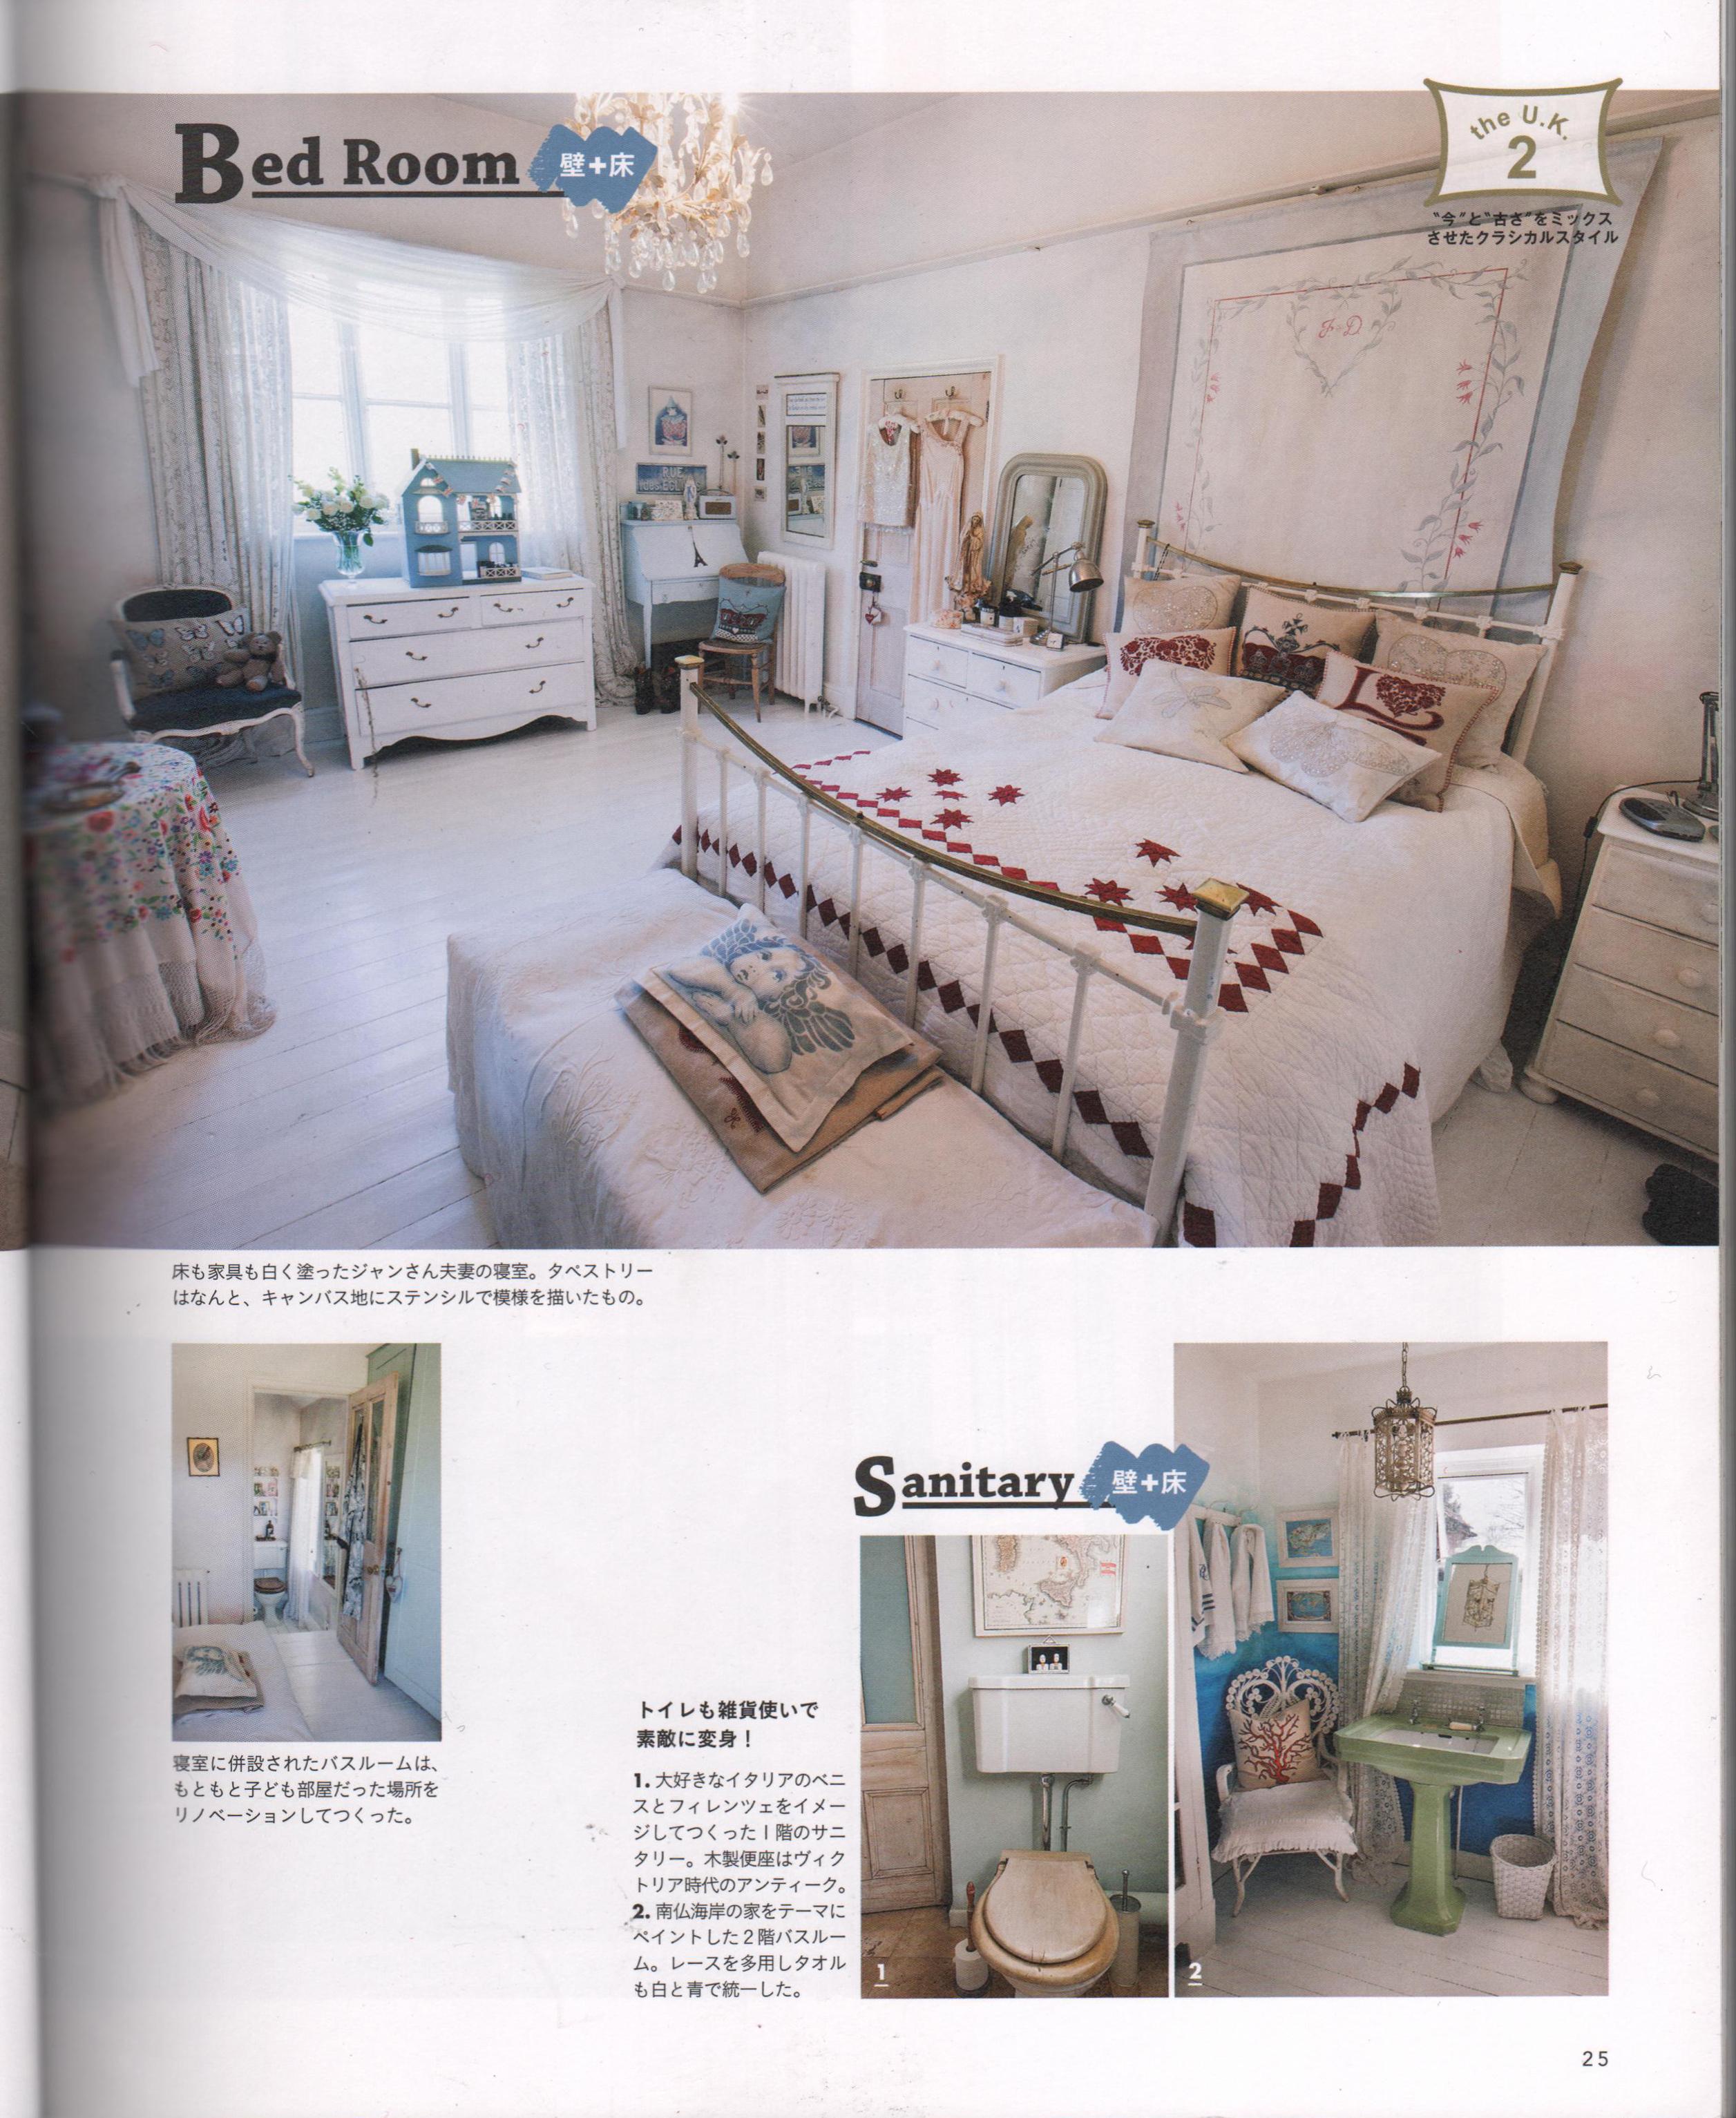 japanese-magazine-2015-6.jpg